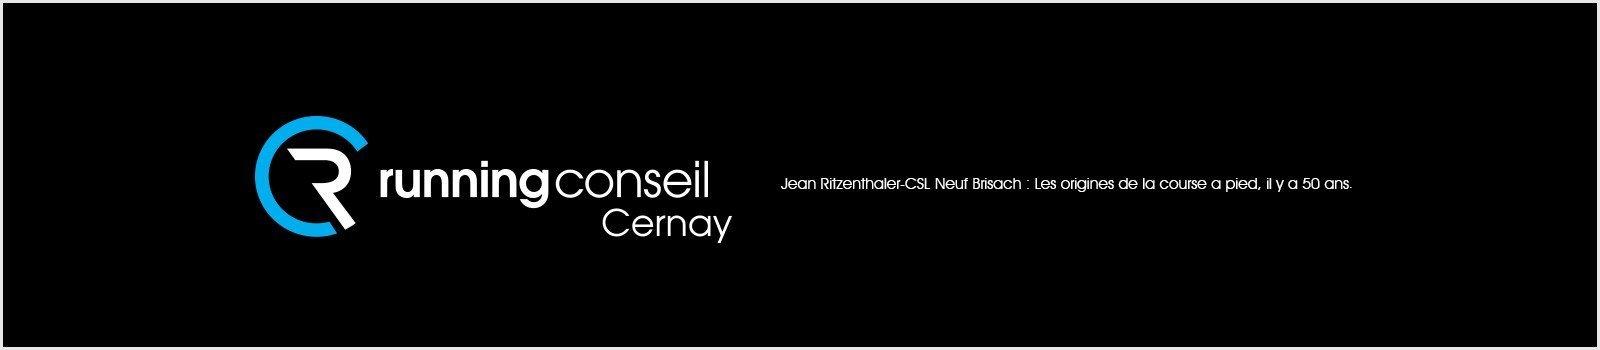 Jean Ritzenthaler-CSL Neuf Brisach : Les origines de la course a pied, il y a 50 ans.